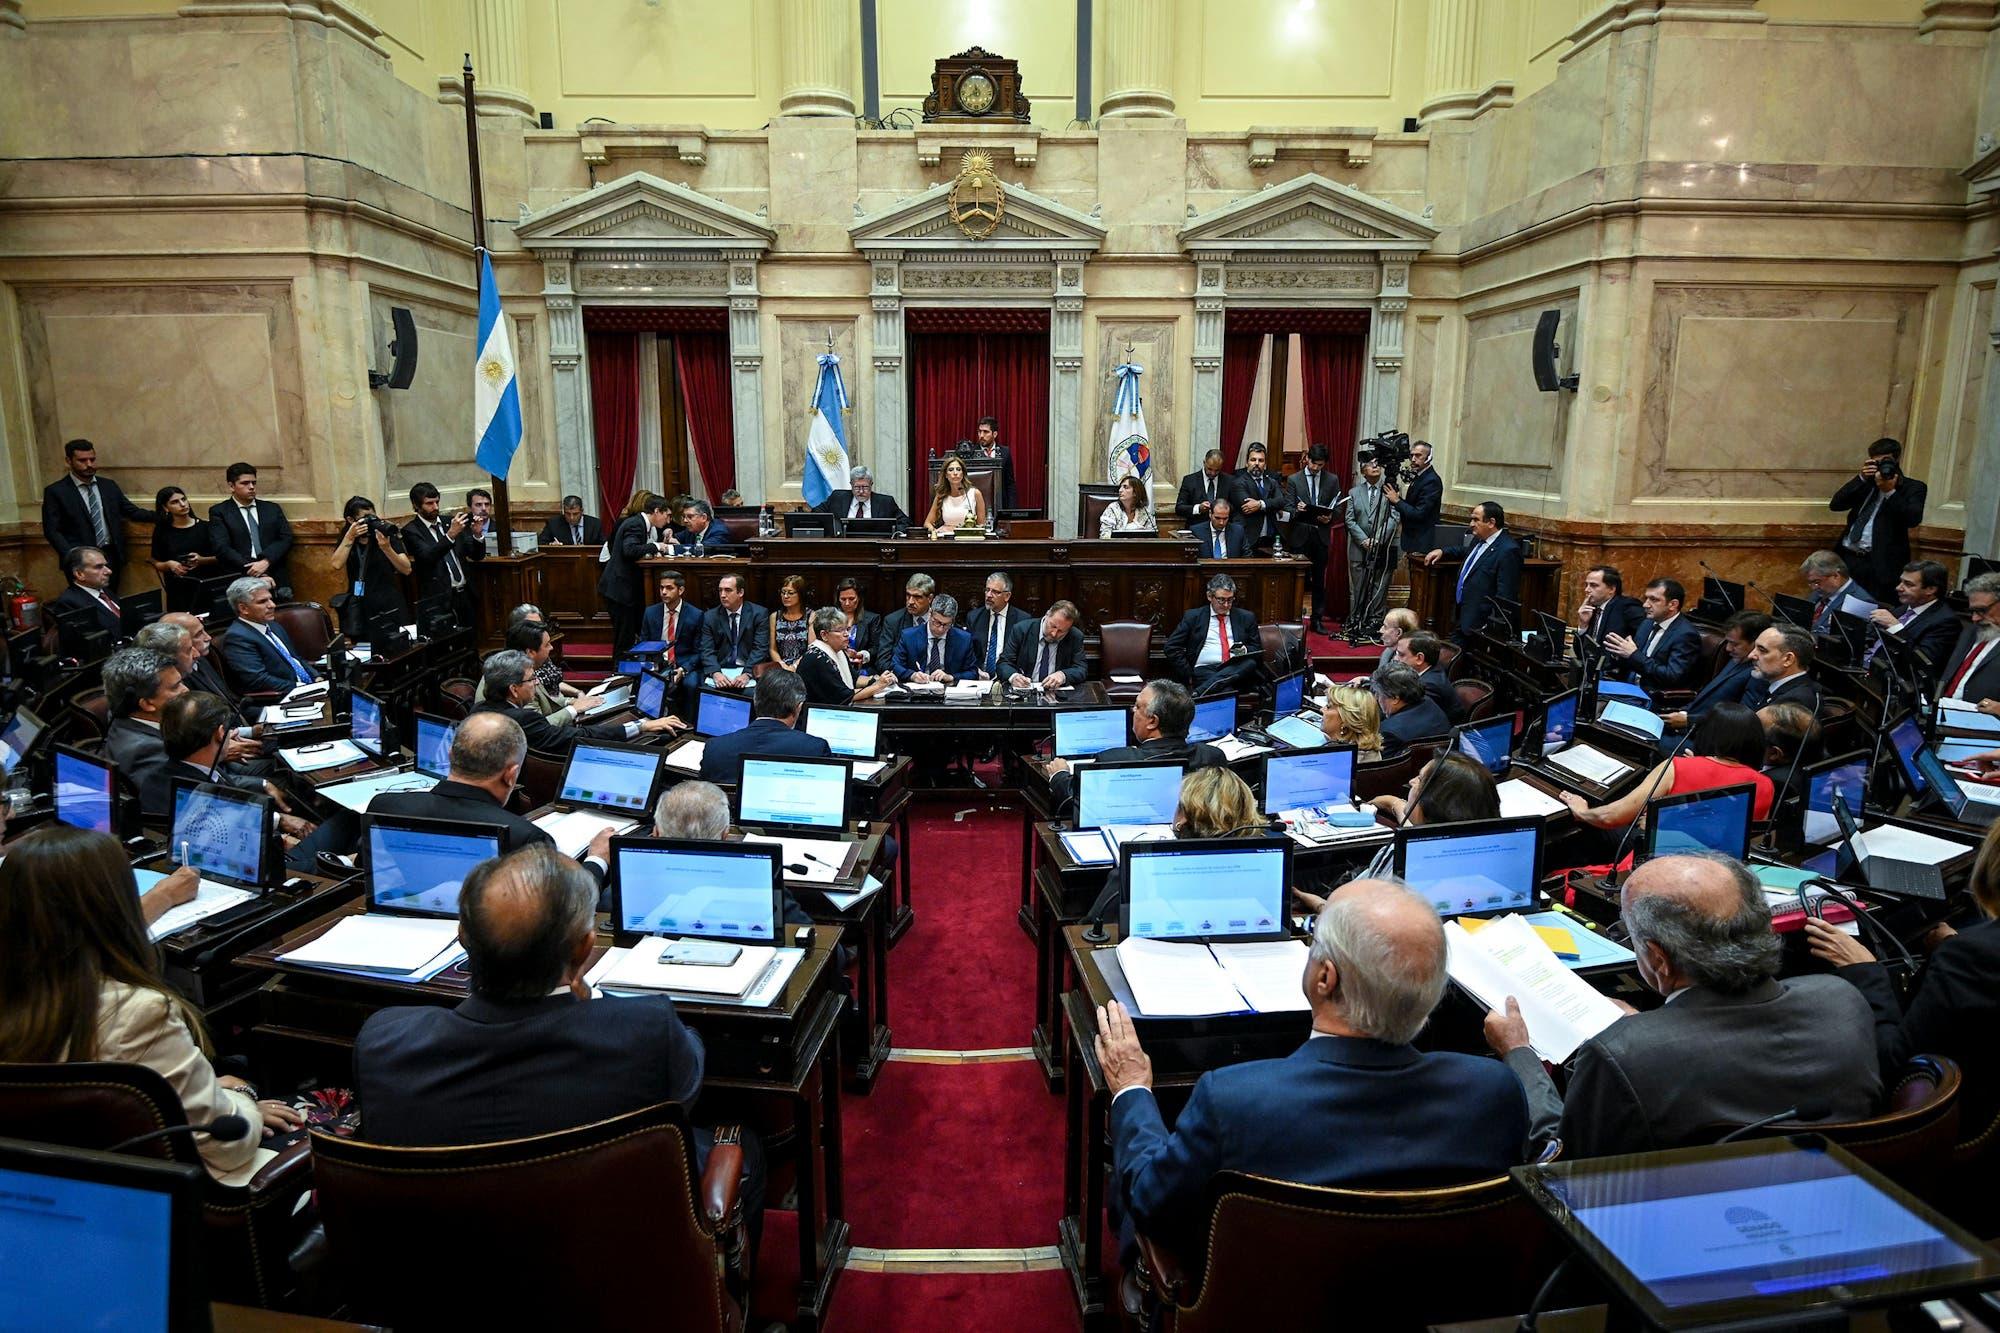 El Senado convirtió en ley el proyecto de reestructuración de la deuda